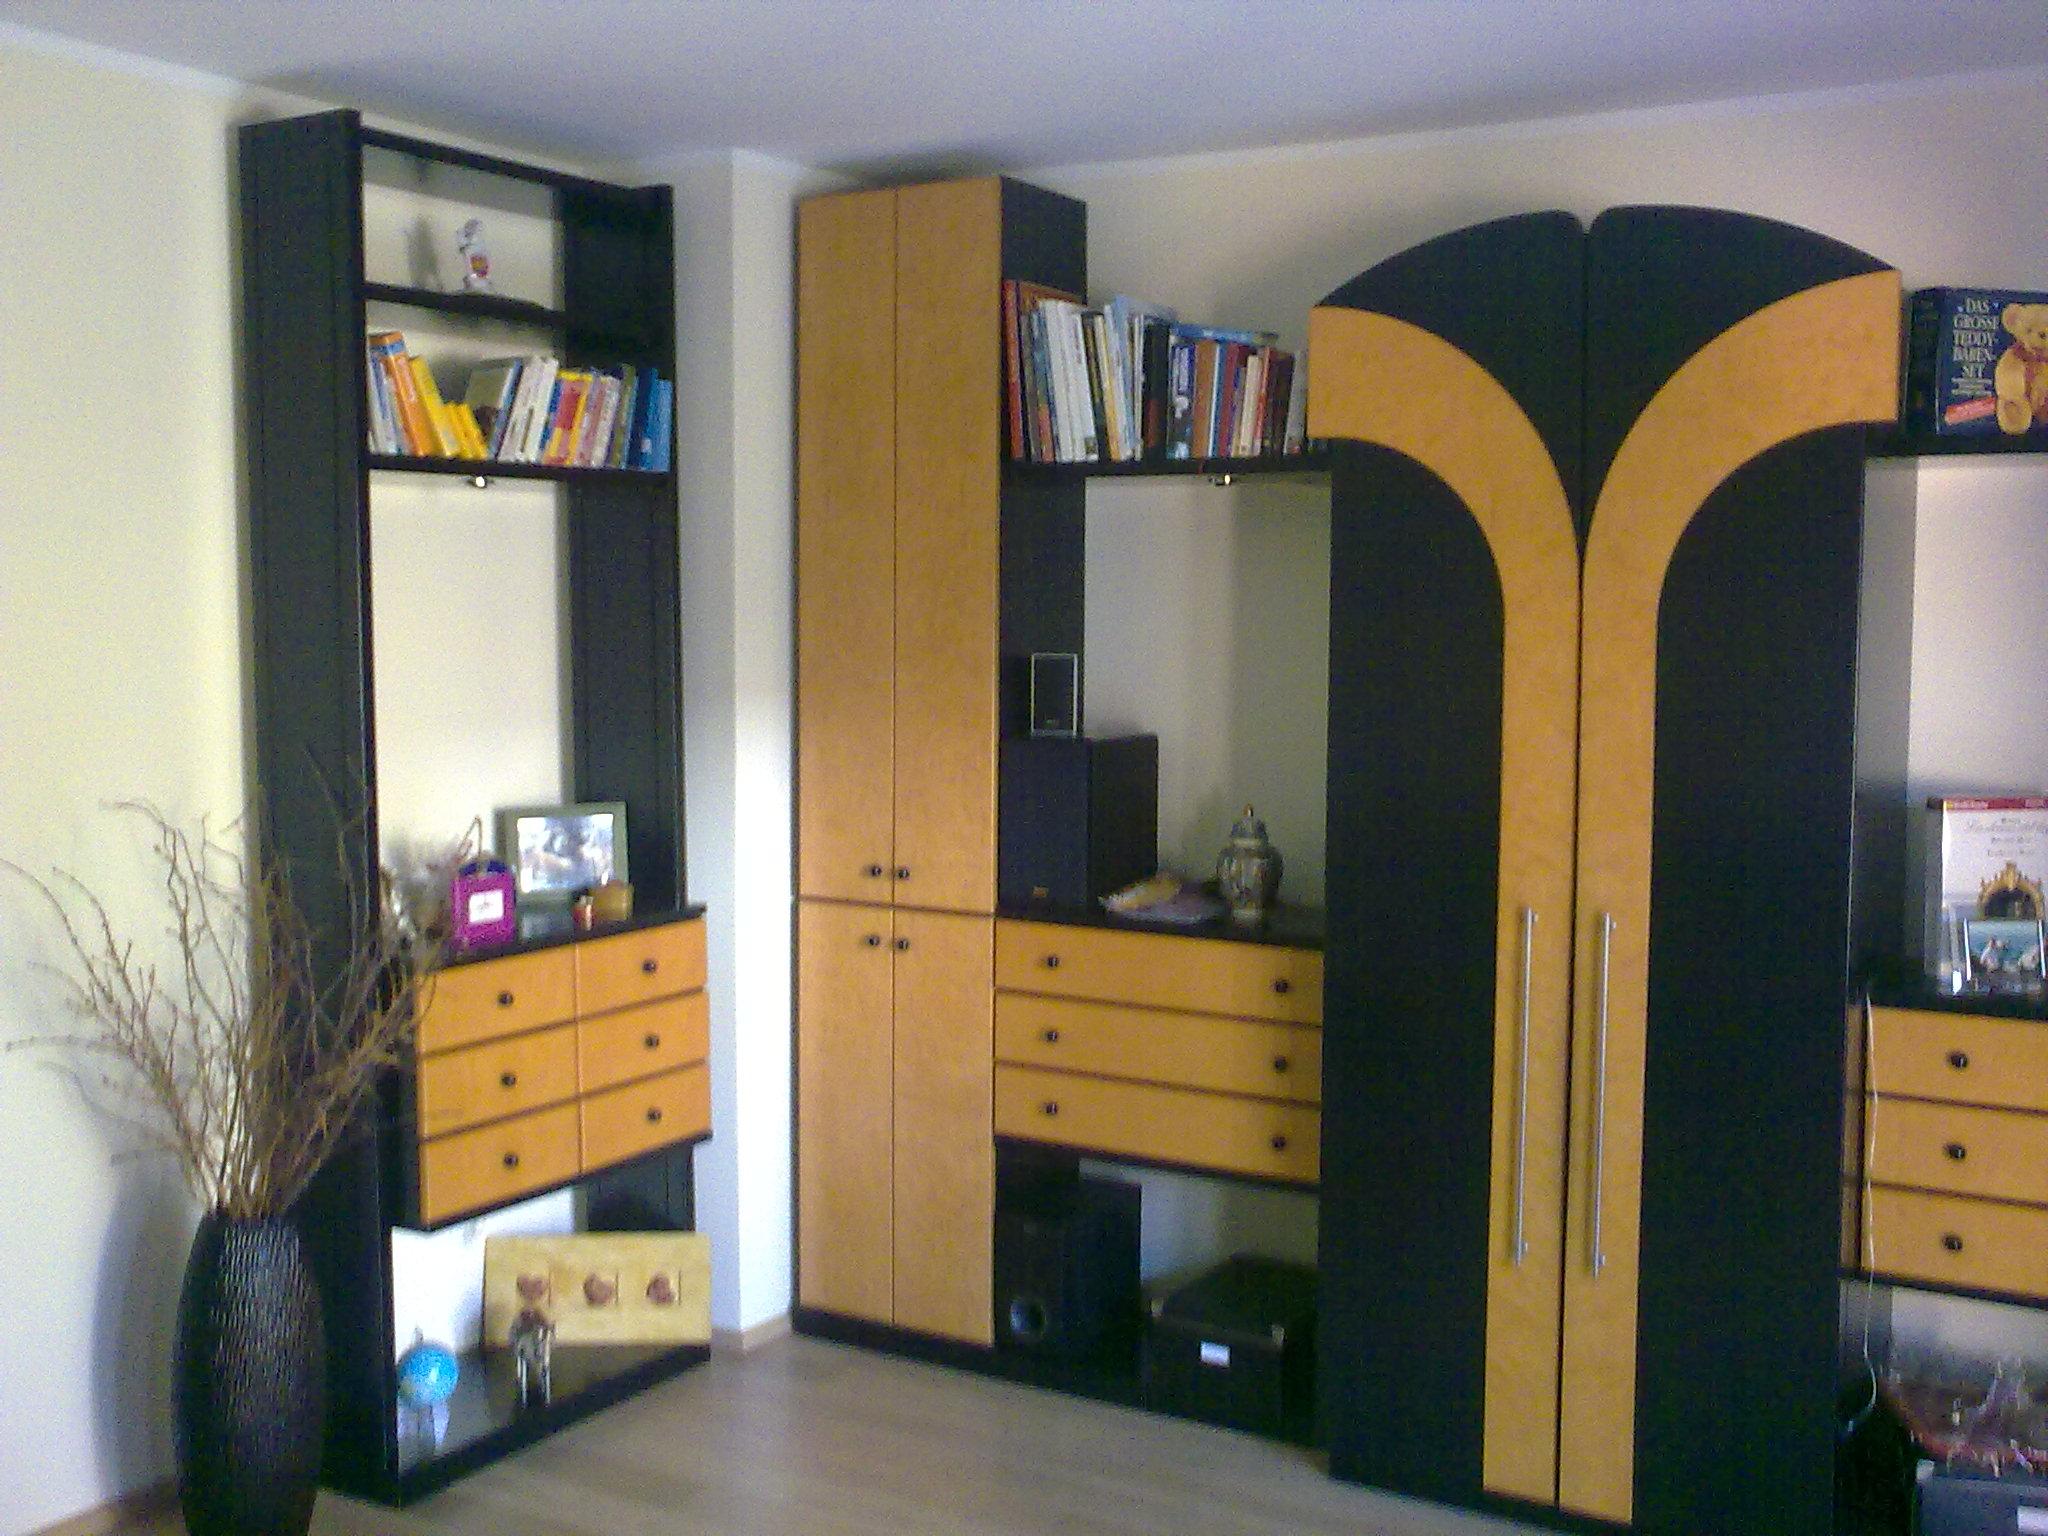 bilder für wohnzimmer design – Dumss.com